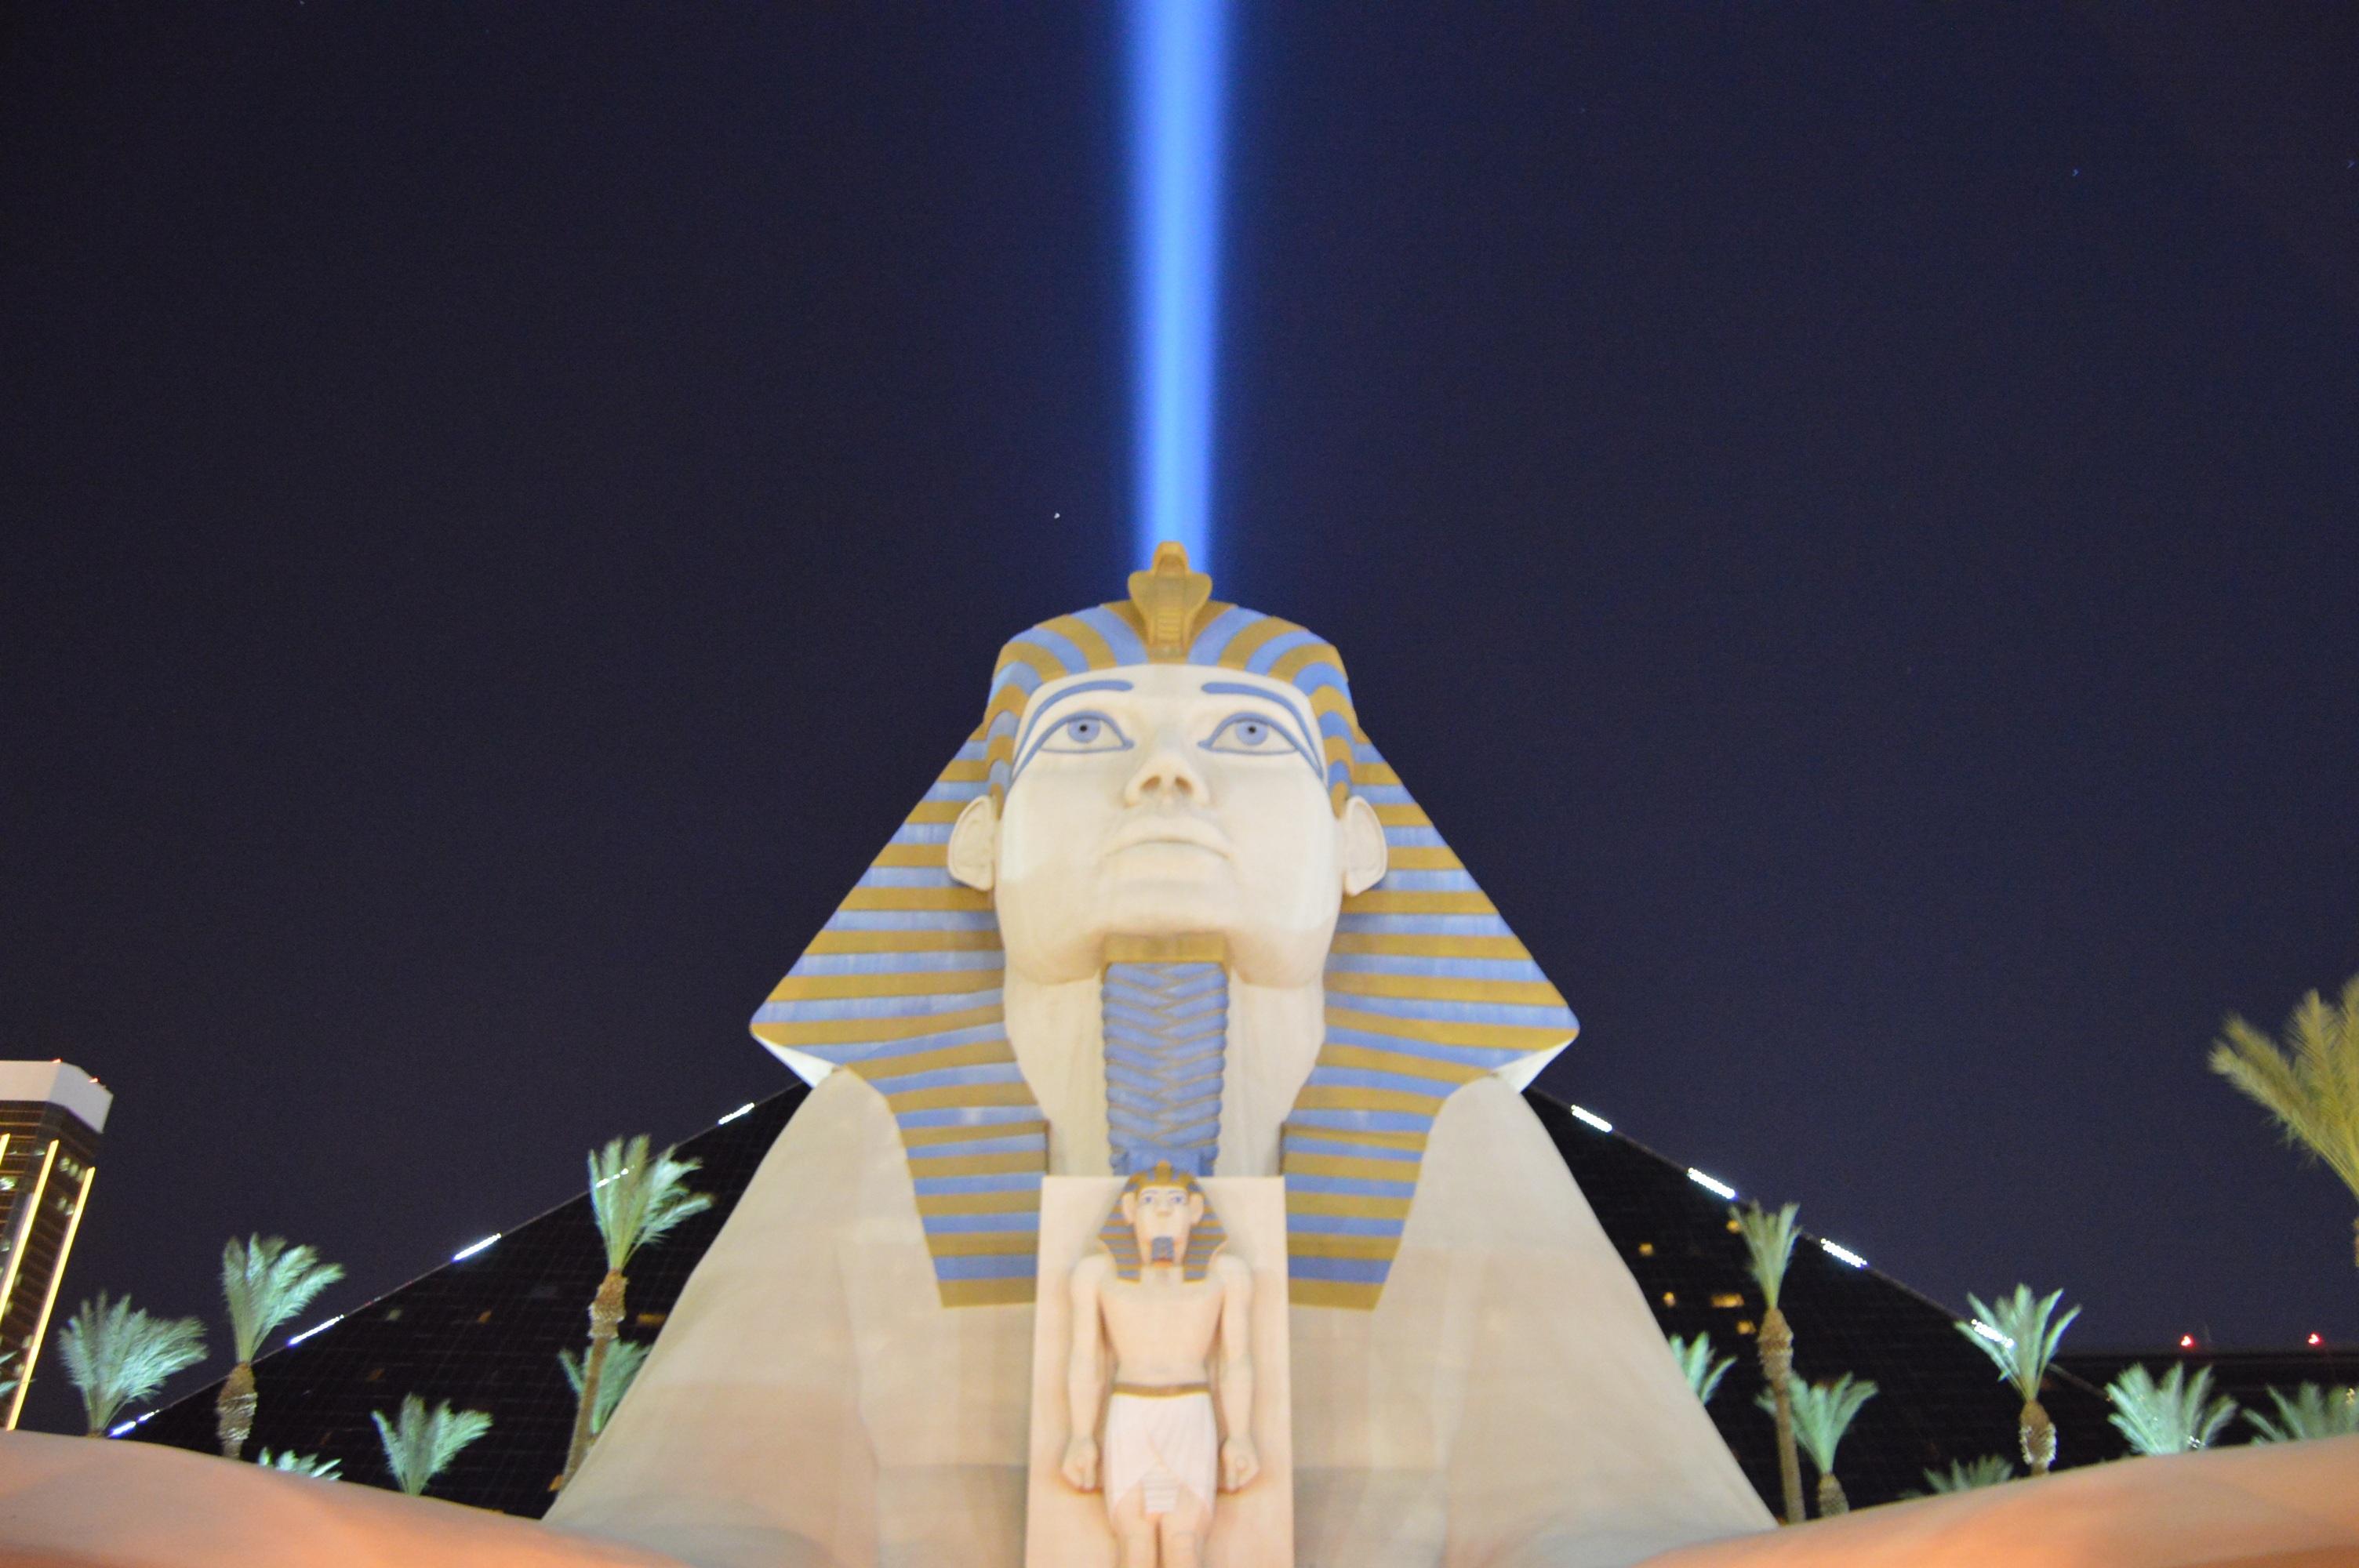 картинки : легкий, архитектура, ночь, пустыня, здание, город, отпуск, путешествовать, статуя, Пирамида, США, Древний, Ночная жизнь, Синий, Привлечение, ...